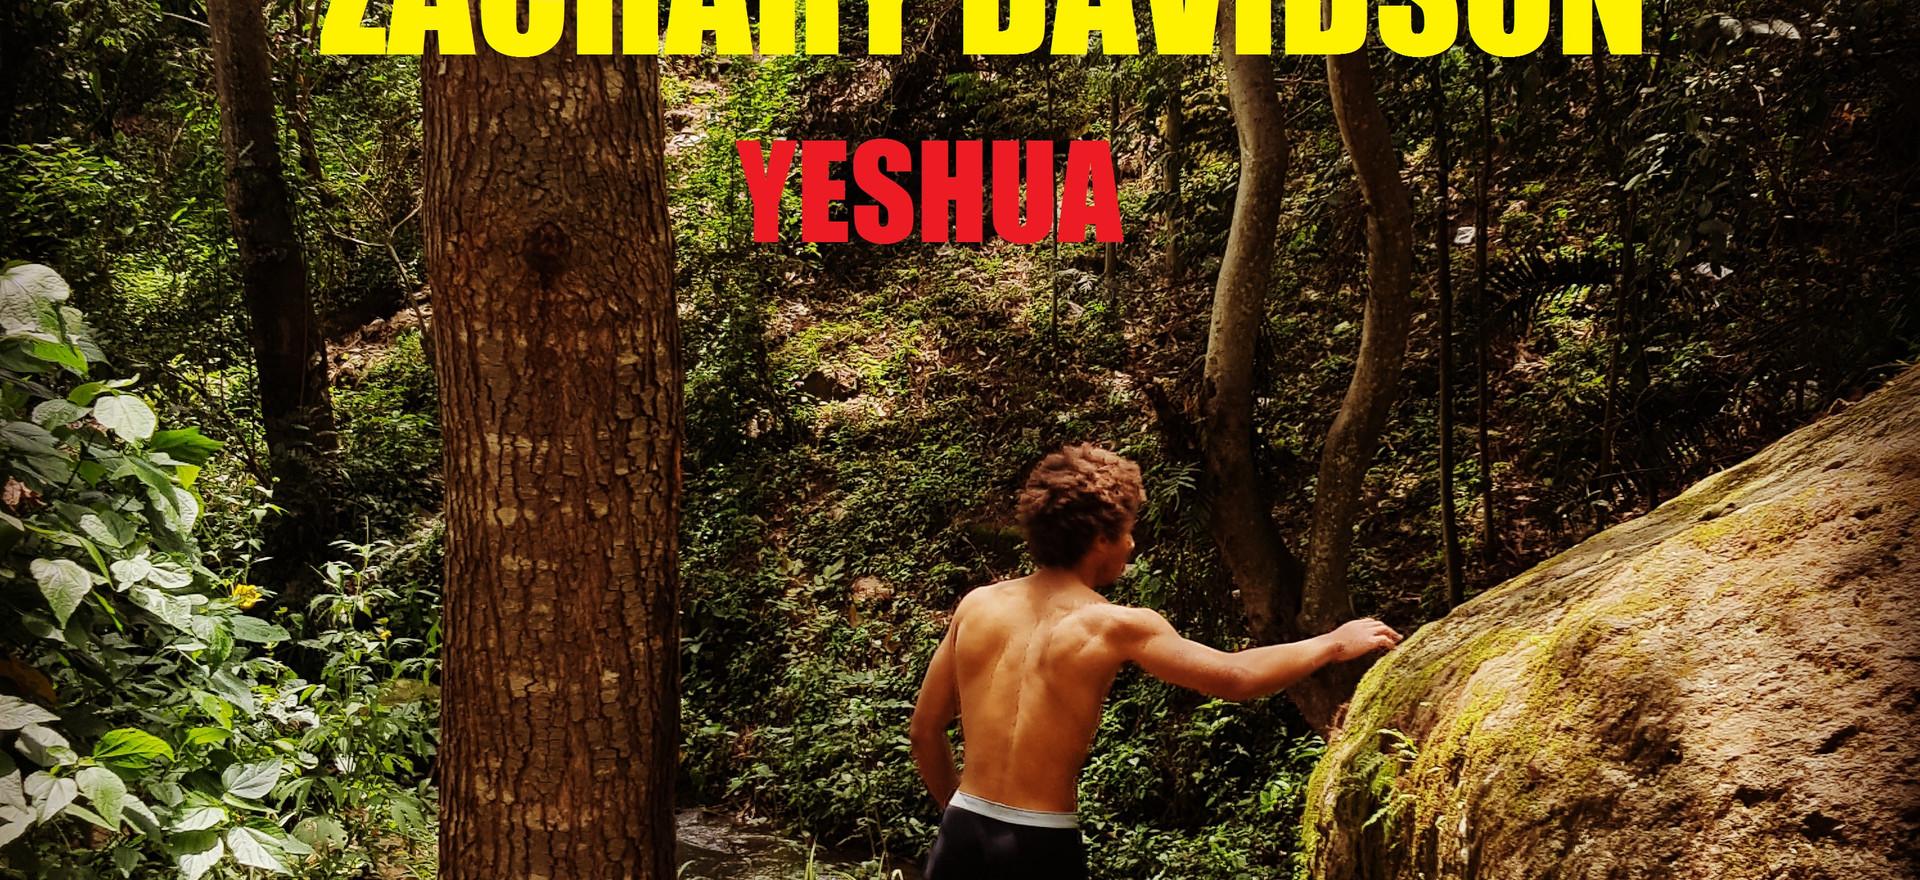 Zachary Davidson - Yeshua.jpg